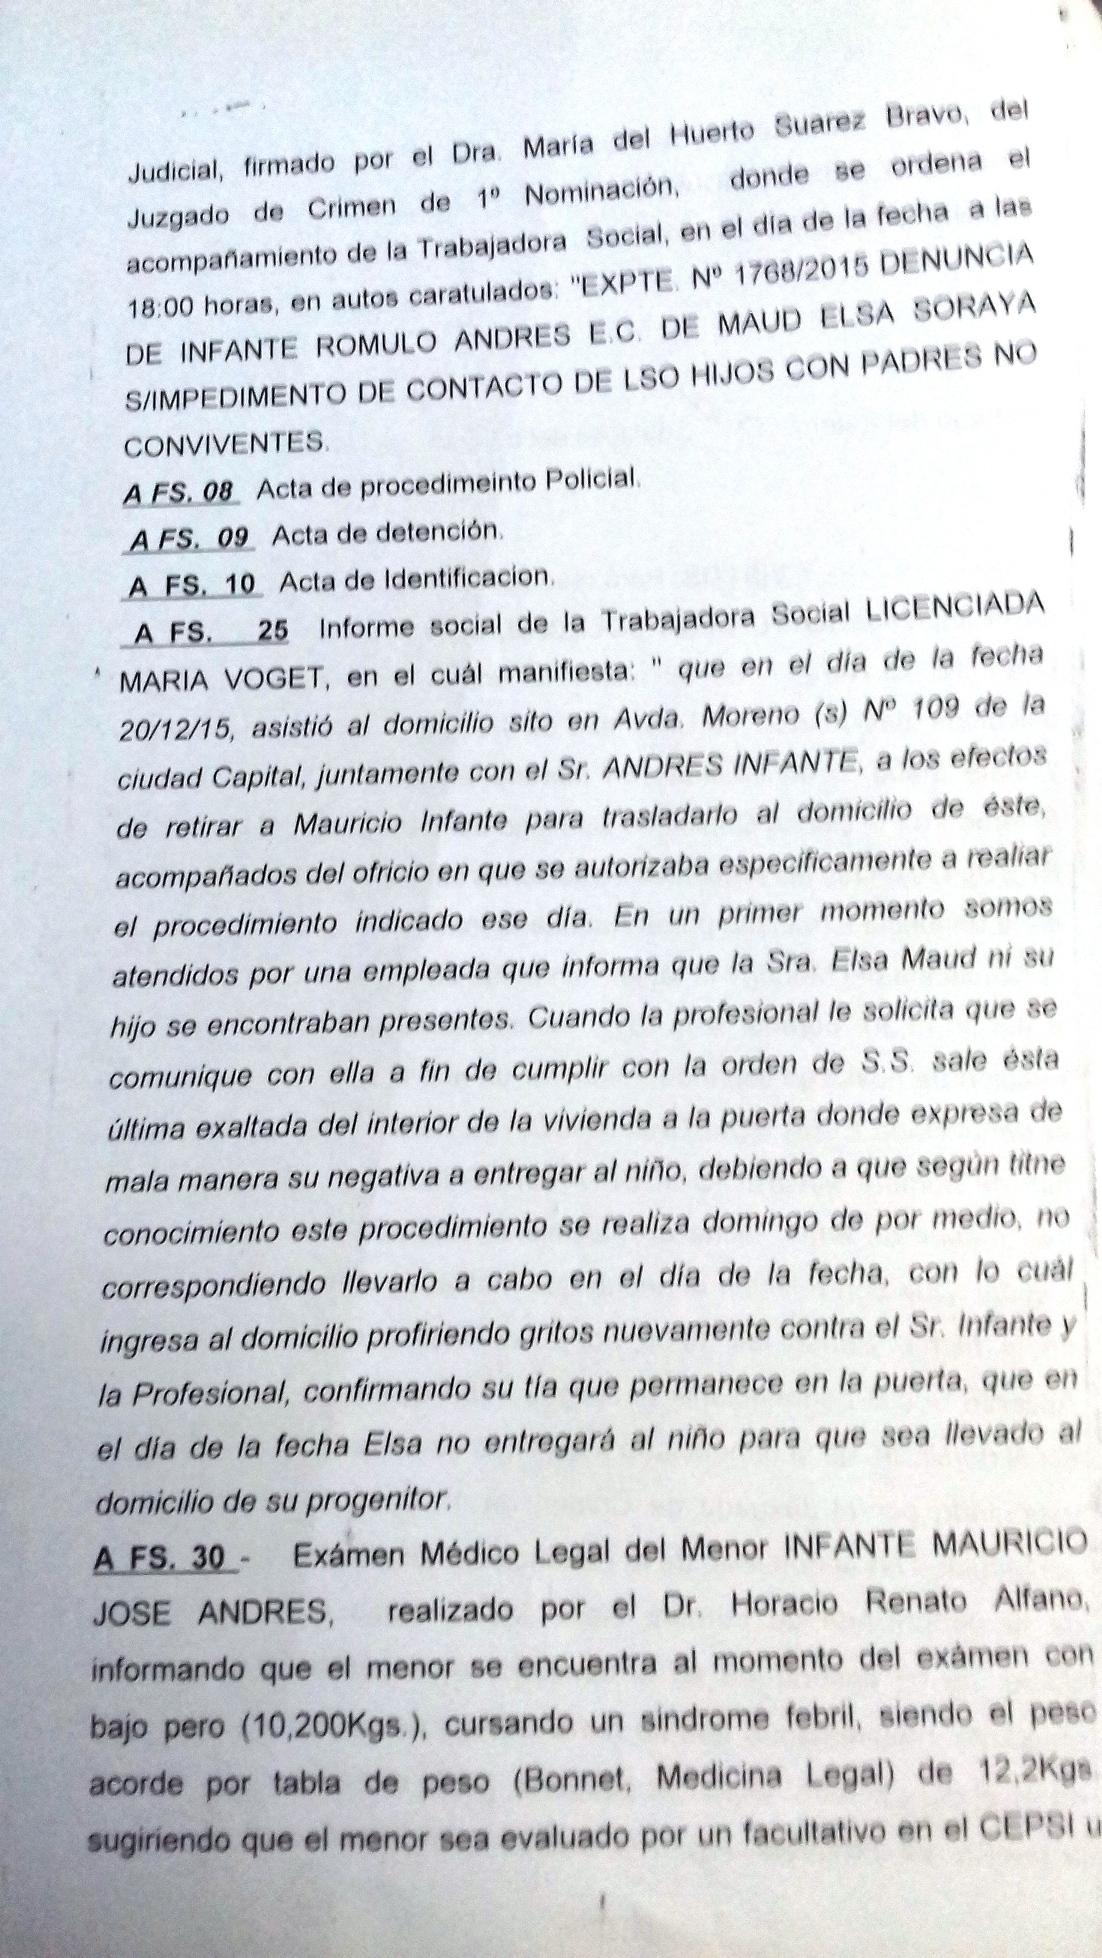 documentos-infante-maud-22